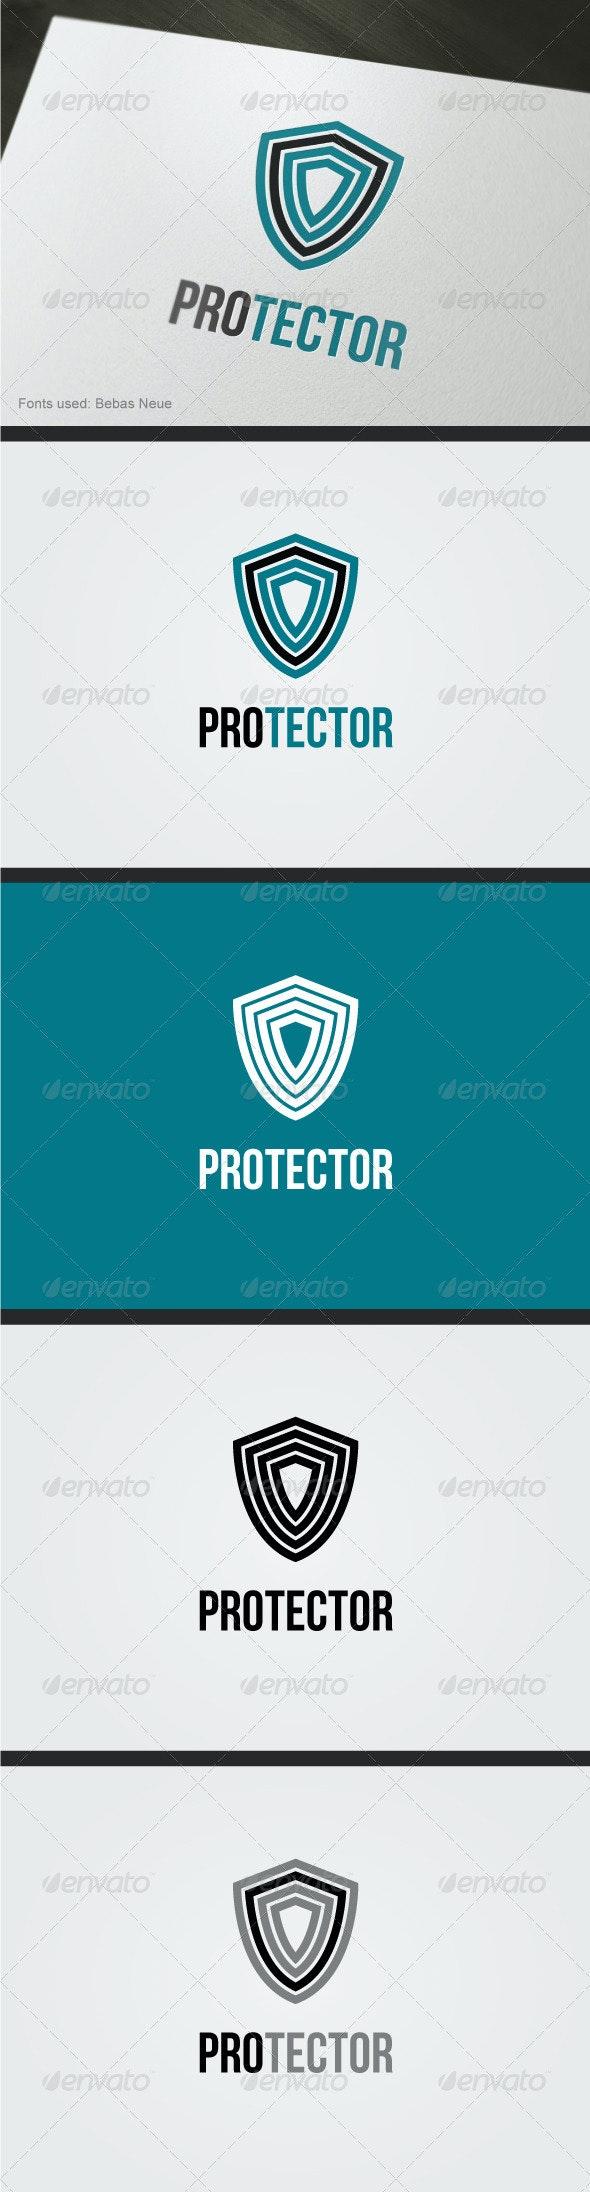 Protector Logo - Vector Abstract